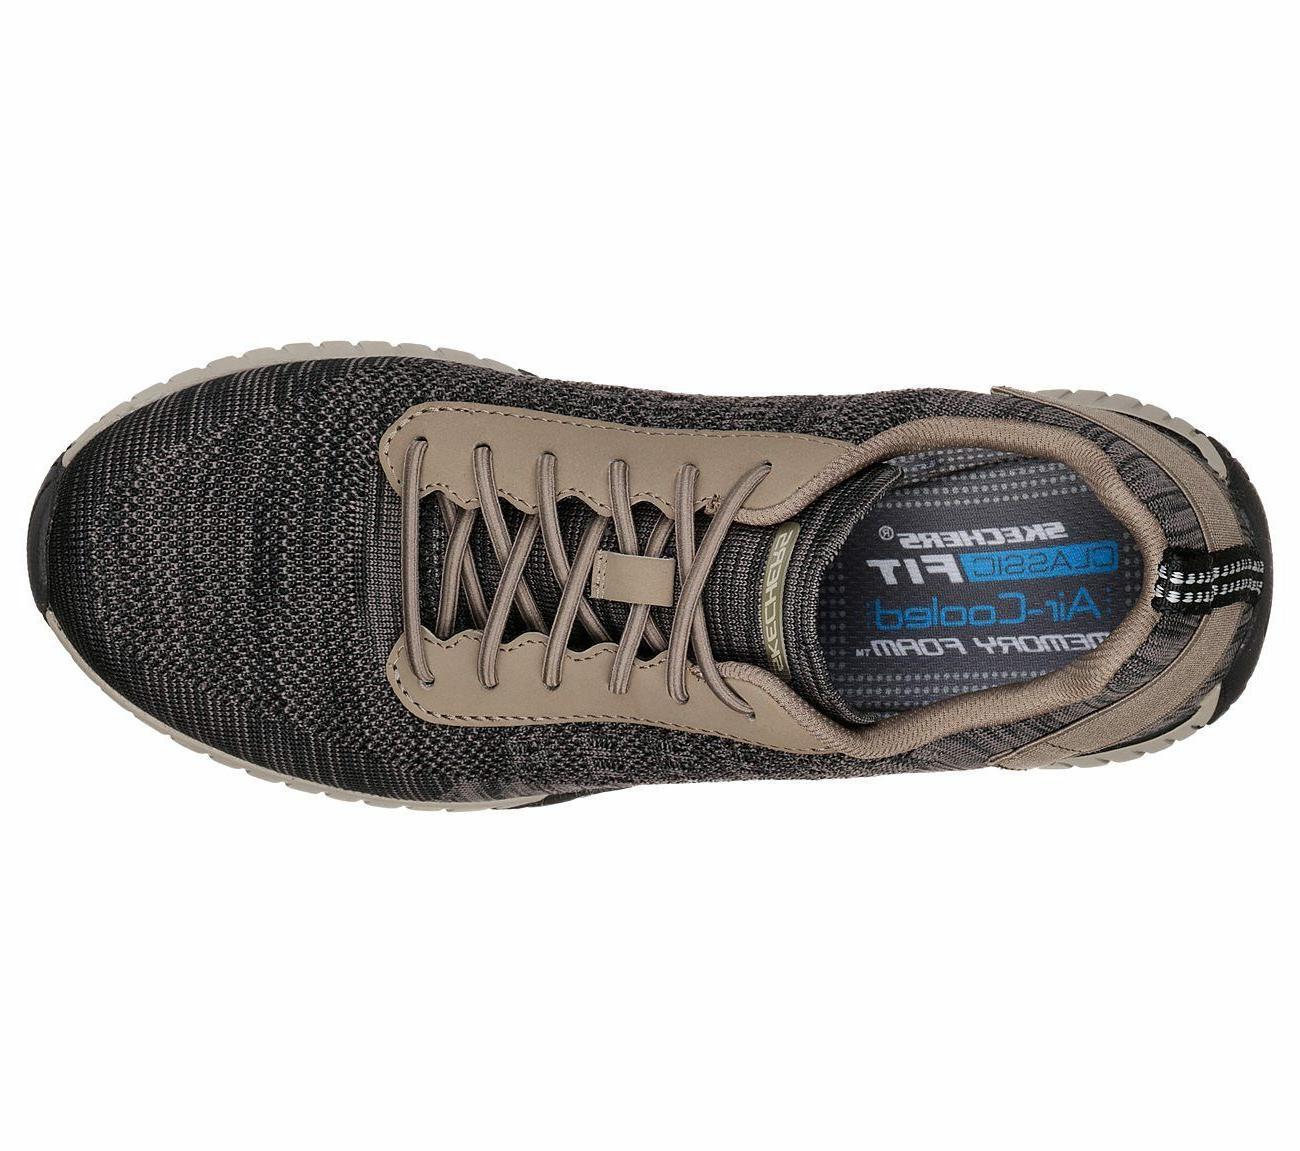 65182 Khaki shoe Men Comfort Knit Mesh Fabric